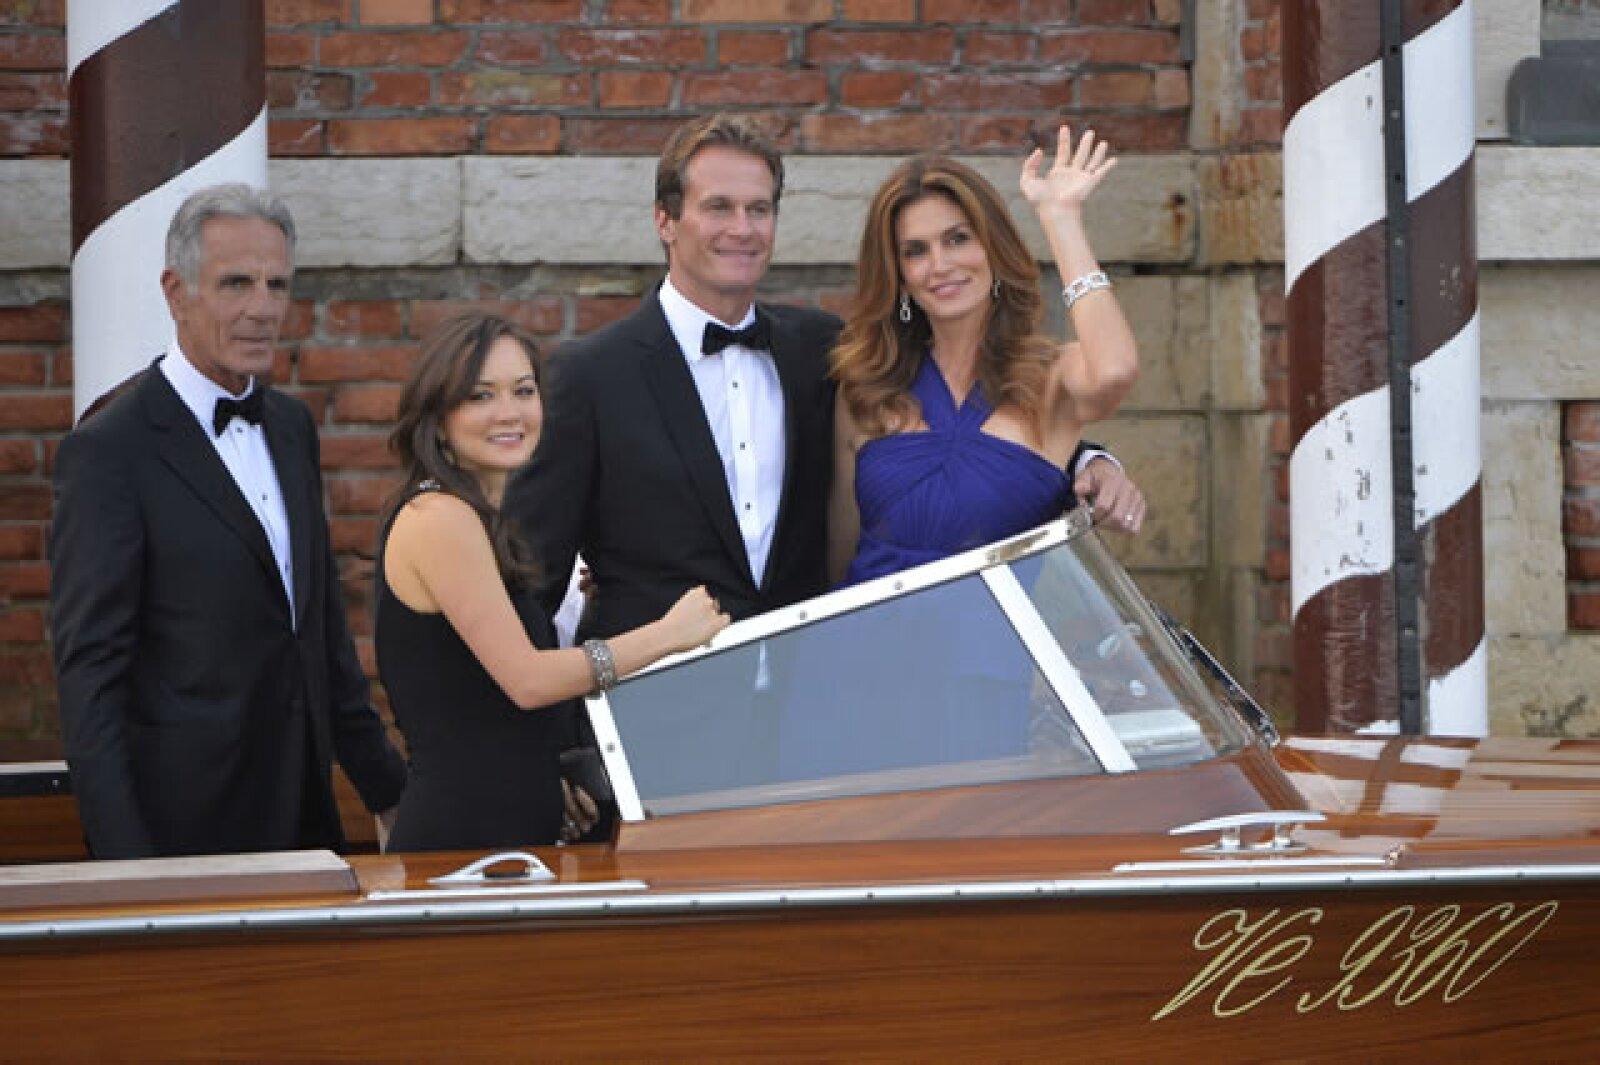 Algunos de los invitados, Cindy Crawford, muy guapa y su epsoso Rande Gerber, muy amigo del actor.